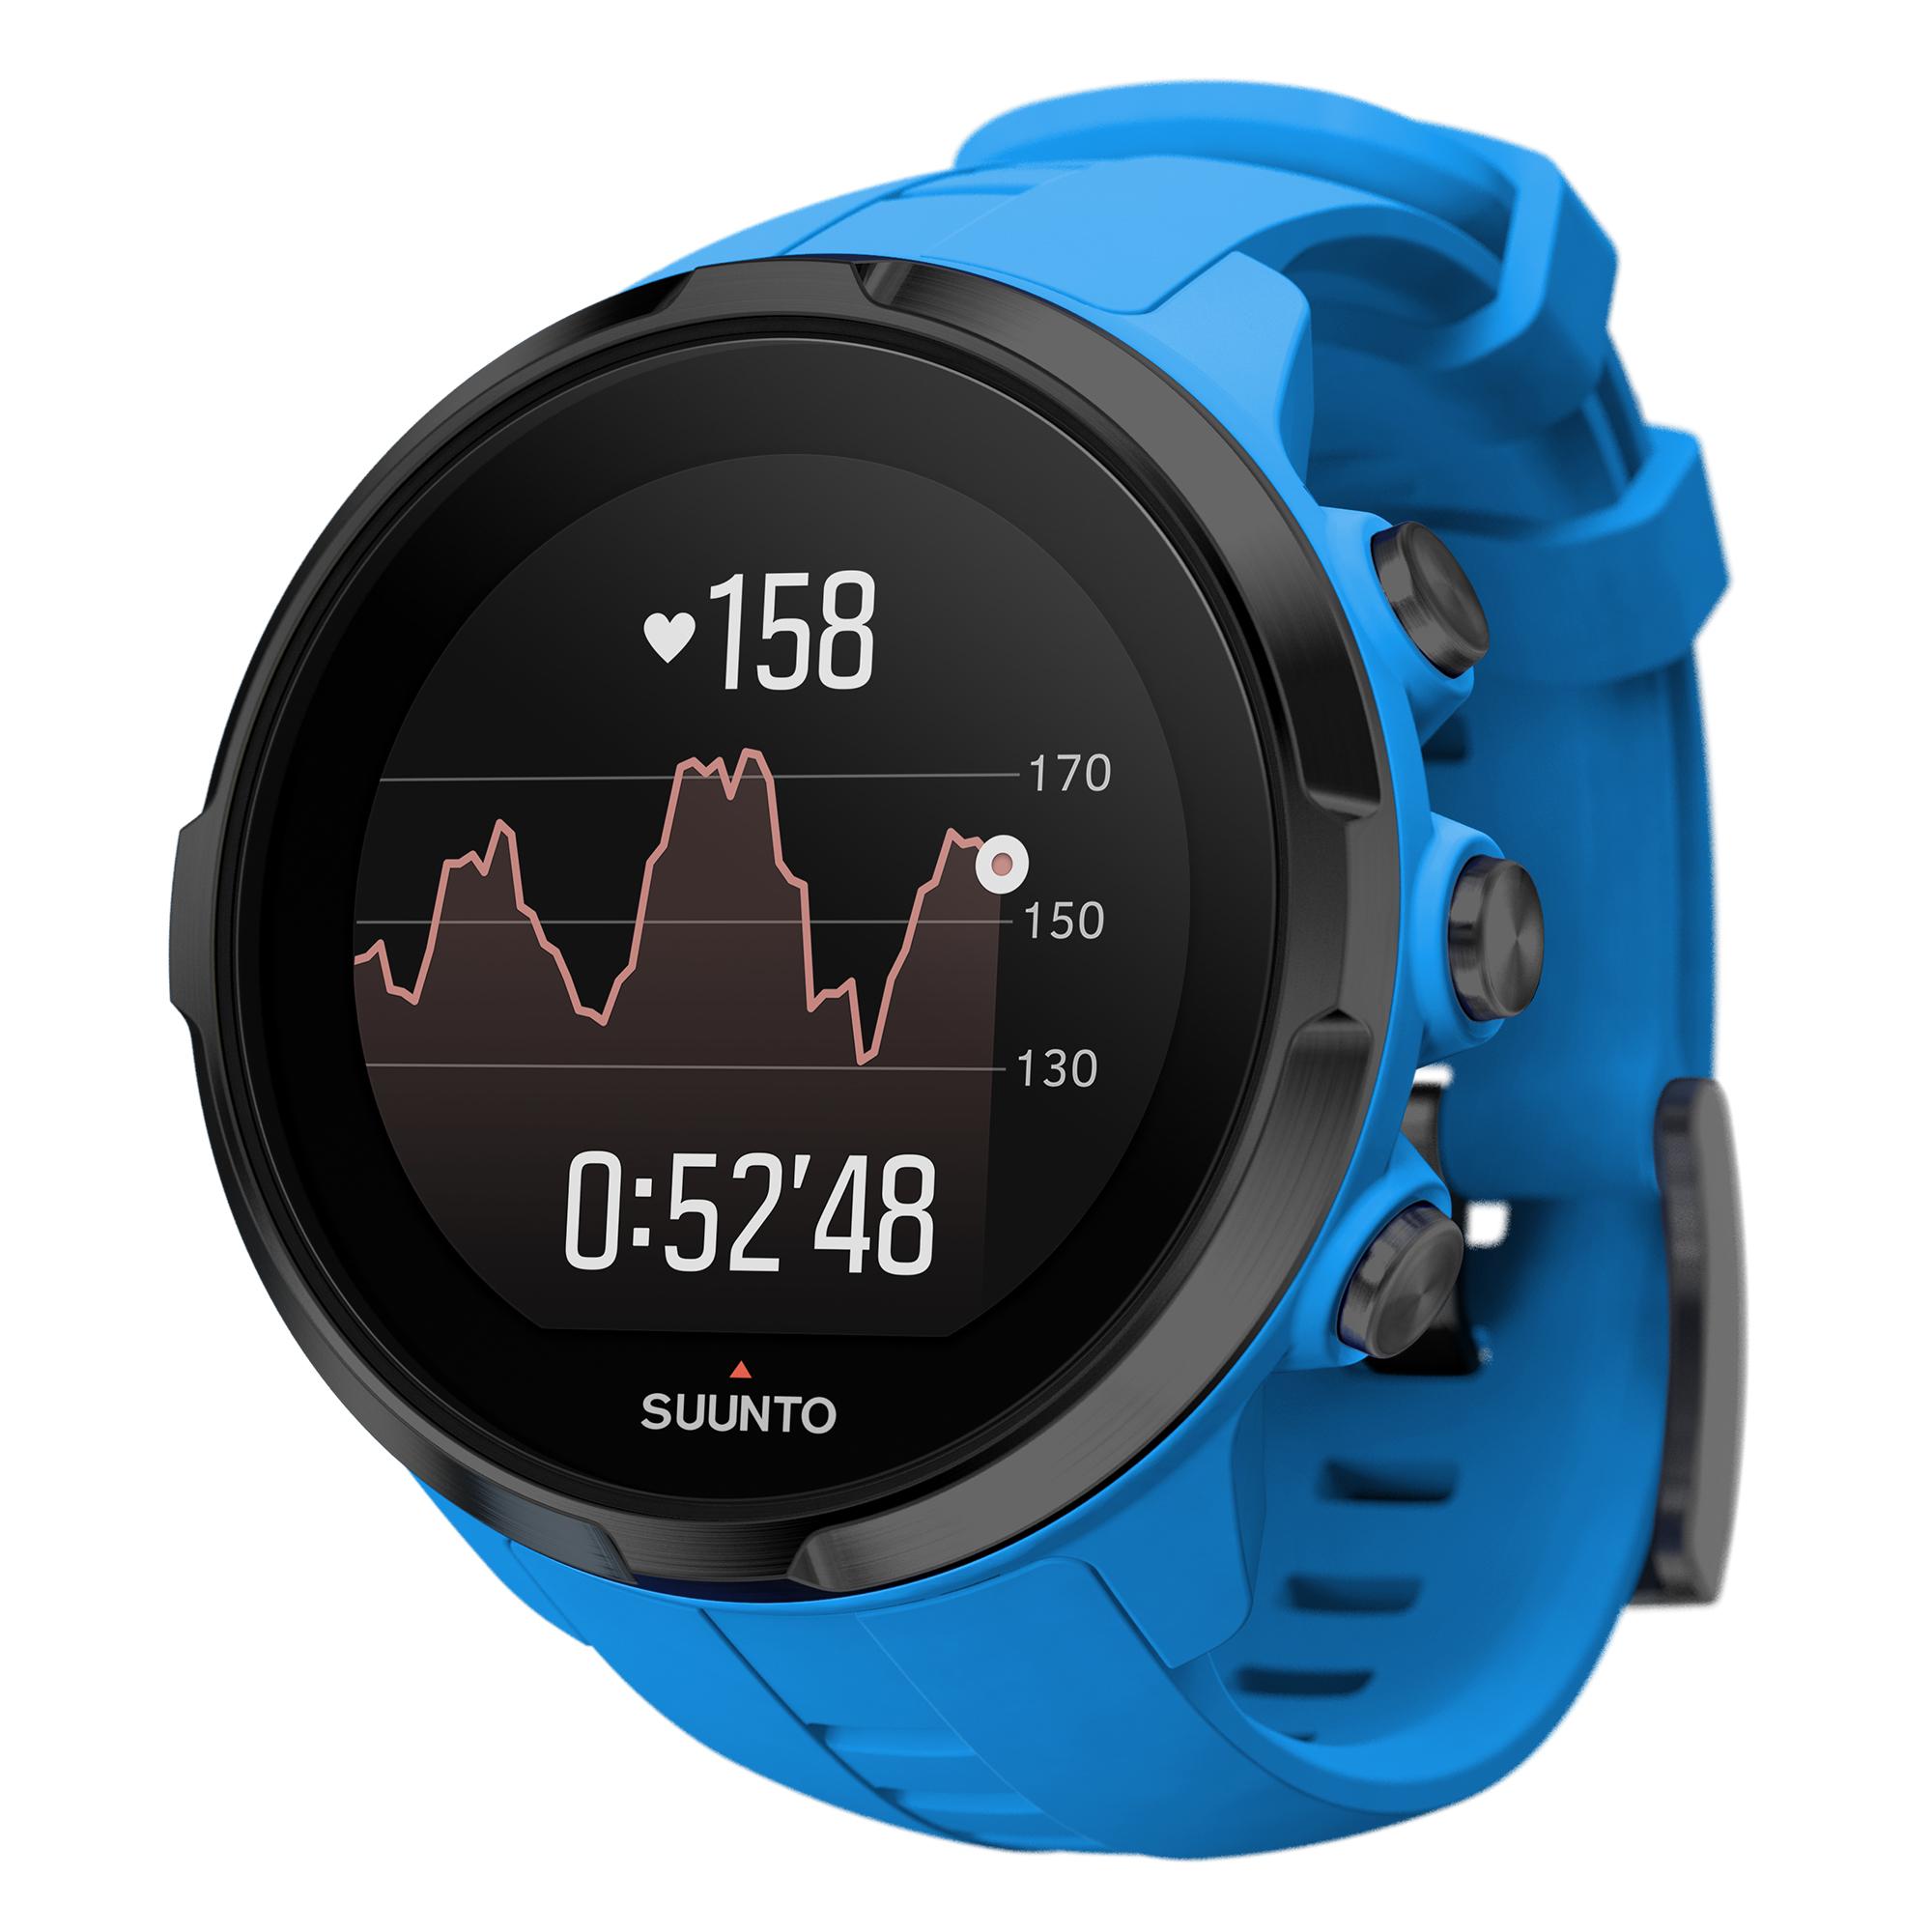 Suunto Spartan Sport Wrist HR Watch, Blue